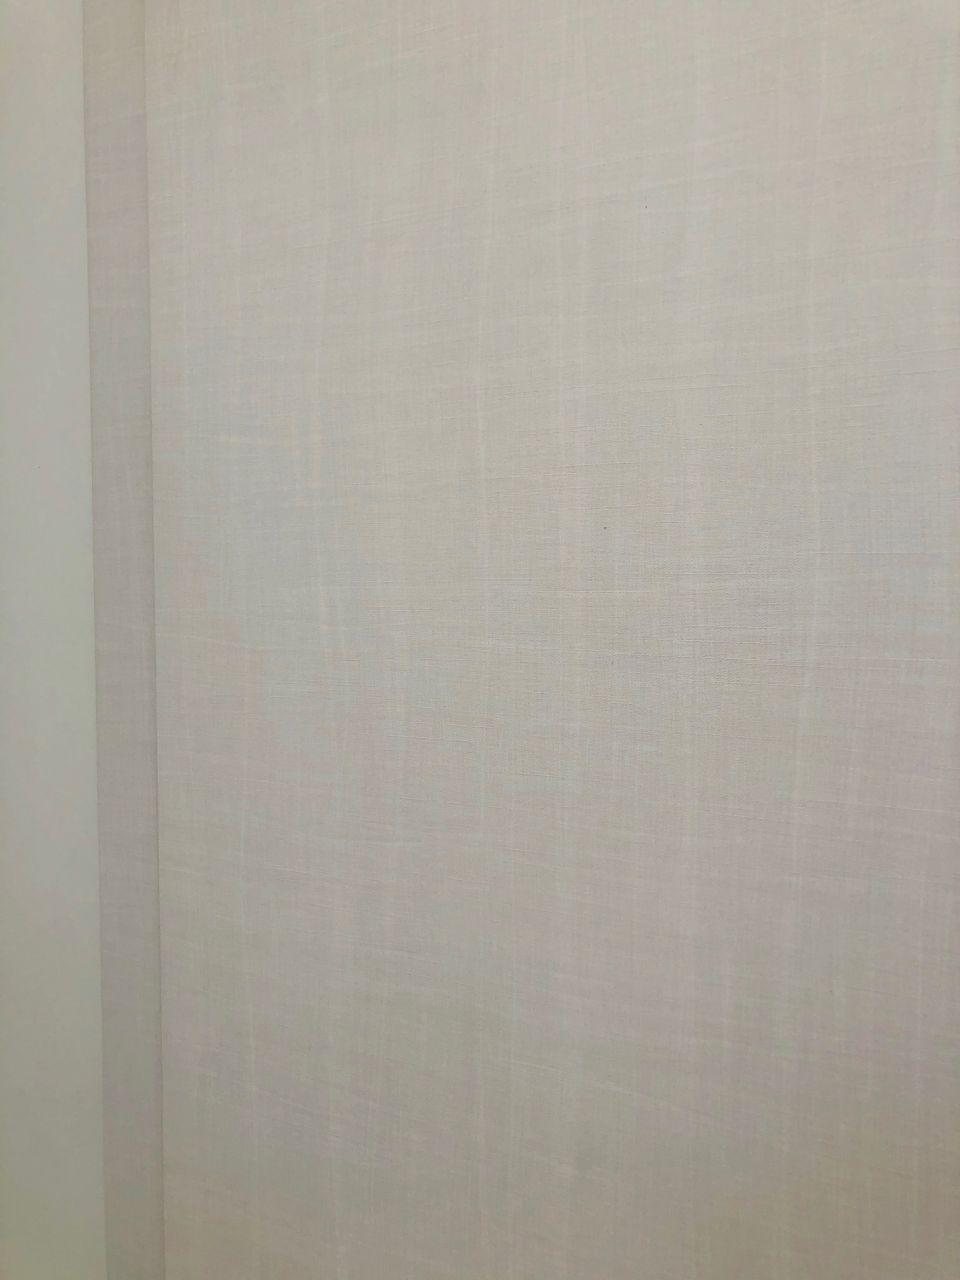 Pour nous c'est le modèle KARO blanc effet tissu chez menuiserie Della Negra à Wittelsheim (68310)